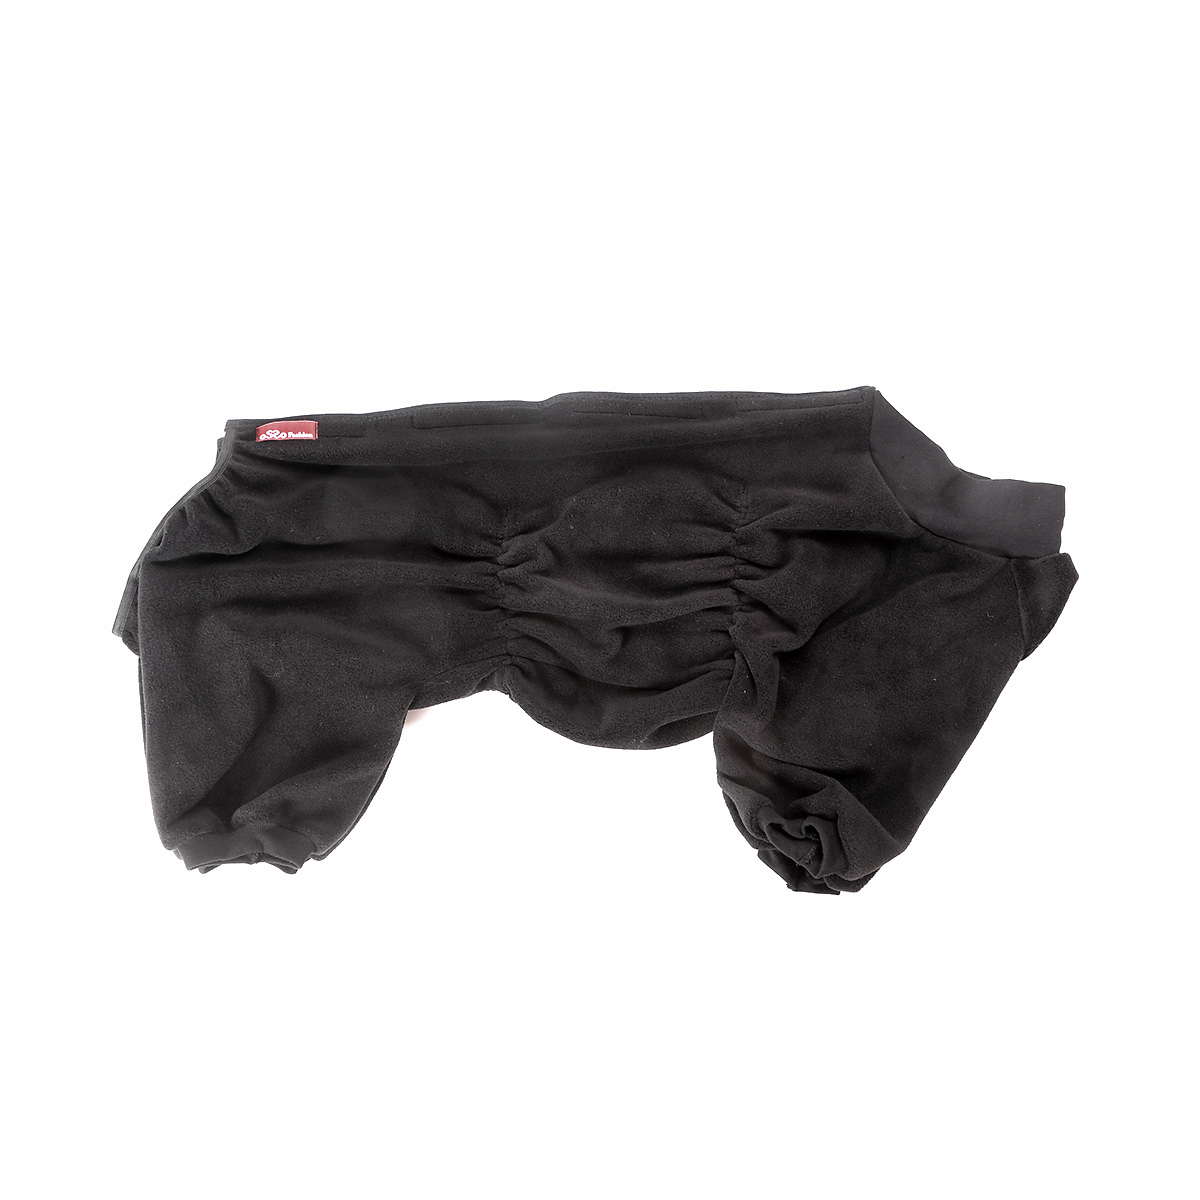 Комбинезон для собак Osso Fashion, для мальчика, цвет: графит. Размер 37Кф-1012Комбинезон для собак Osso Fashion - теплый, приятный на ощупь, эргономичный флисовый комбинезон на липучках. Комфортная посадка по корпусу достигается за счет резинок-утяжек под грудью и животом. На воротнике имеются завязки, для дополнительной фиксации Можно носить самостоятельно и как поддевку под комбинезон для собак на грязь.Отлично стирается, быстро сохнет.Длина спинки: 37 см.Объем груди: 50-60 см.